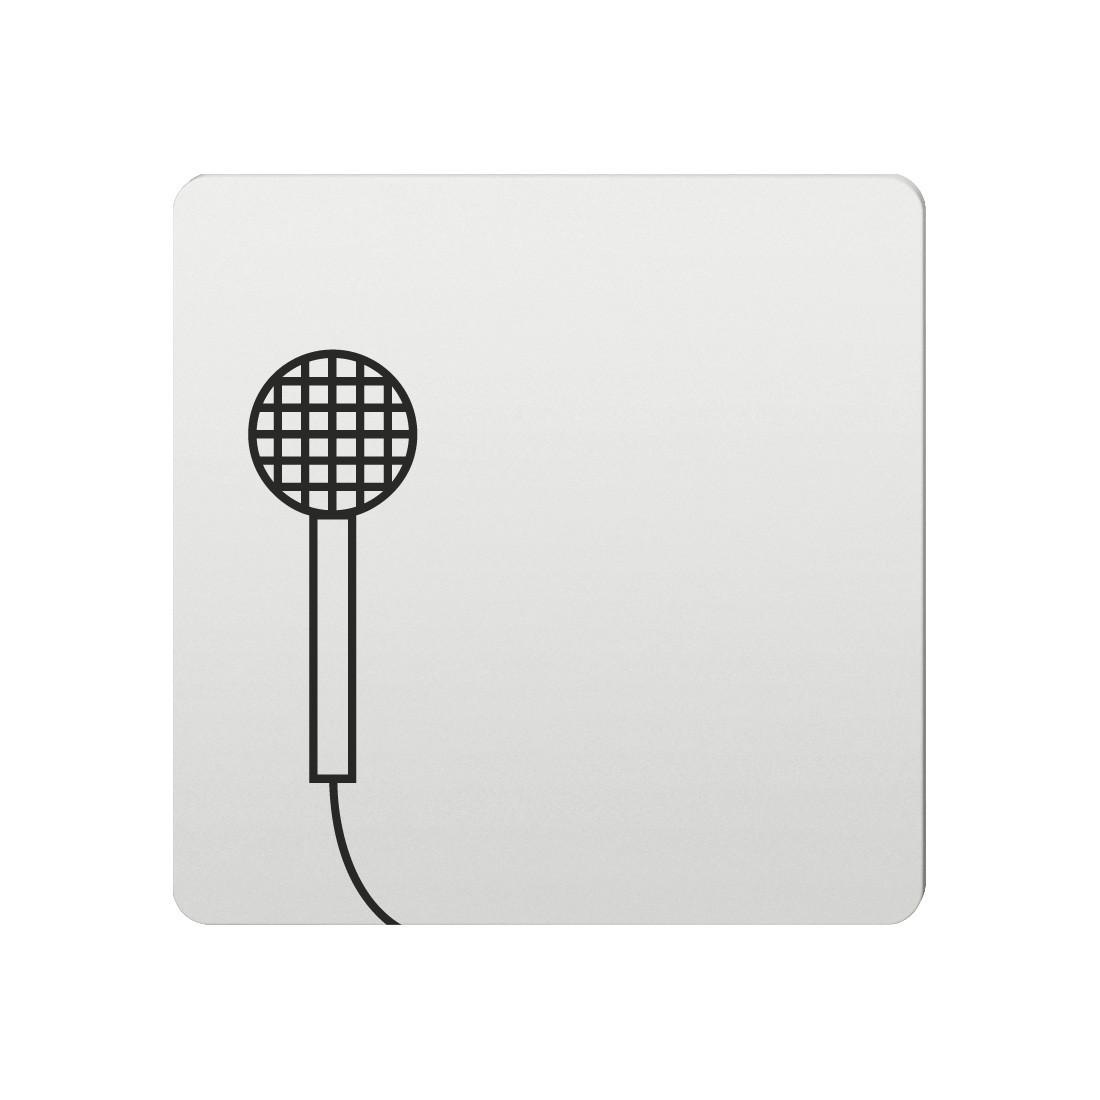 FSB Hinweiszeichen Rundfunk Lasergraviert Aluminium naturfarbig (0 36 4059 00231 0105)